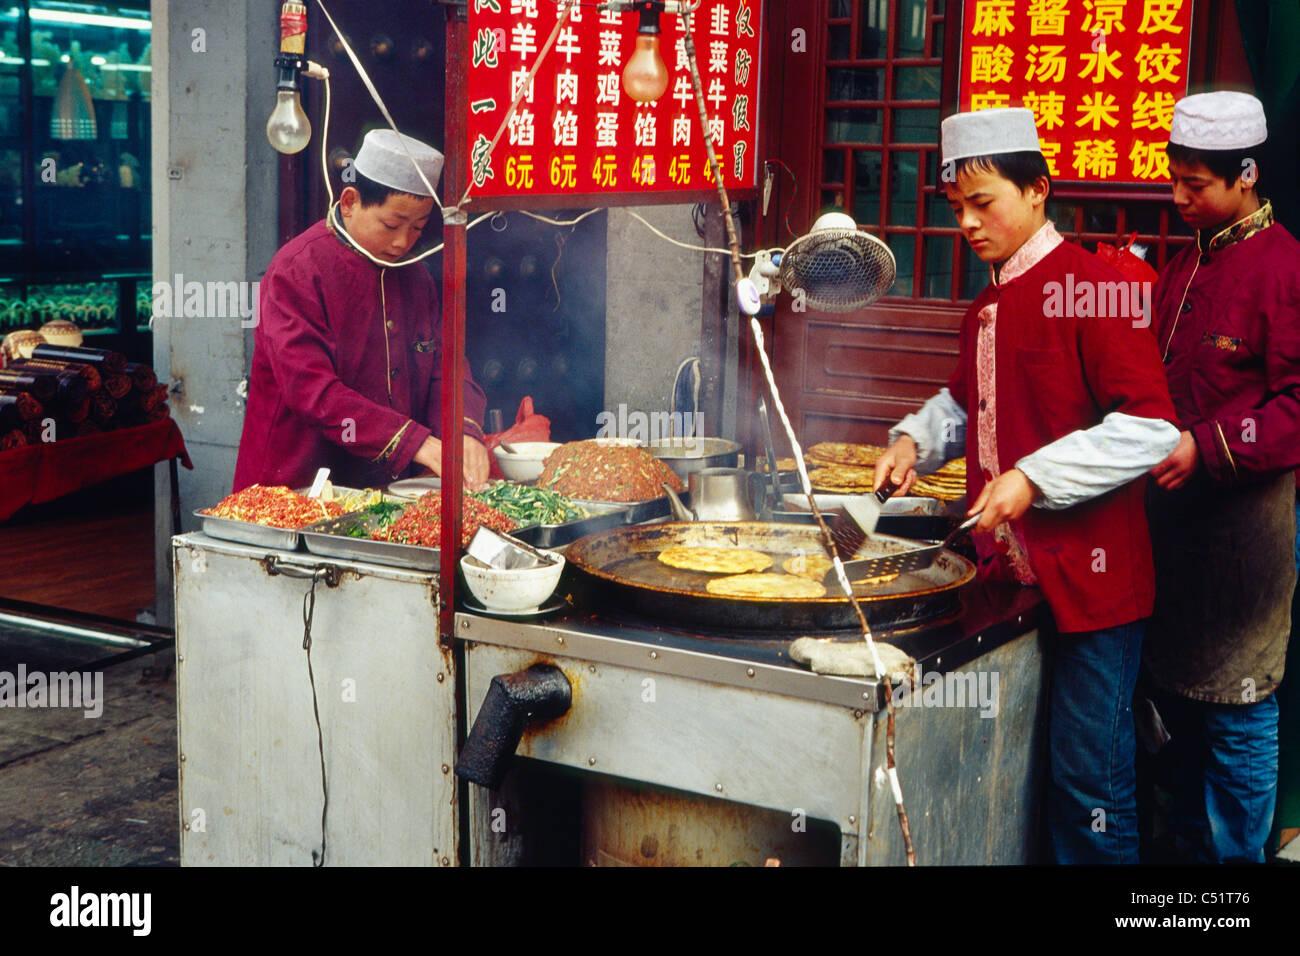 Outdoor Food Vendors Preparing Food, Muslim Street, Xian, China - Stock Image